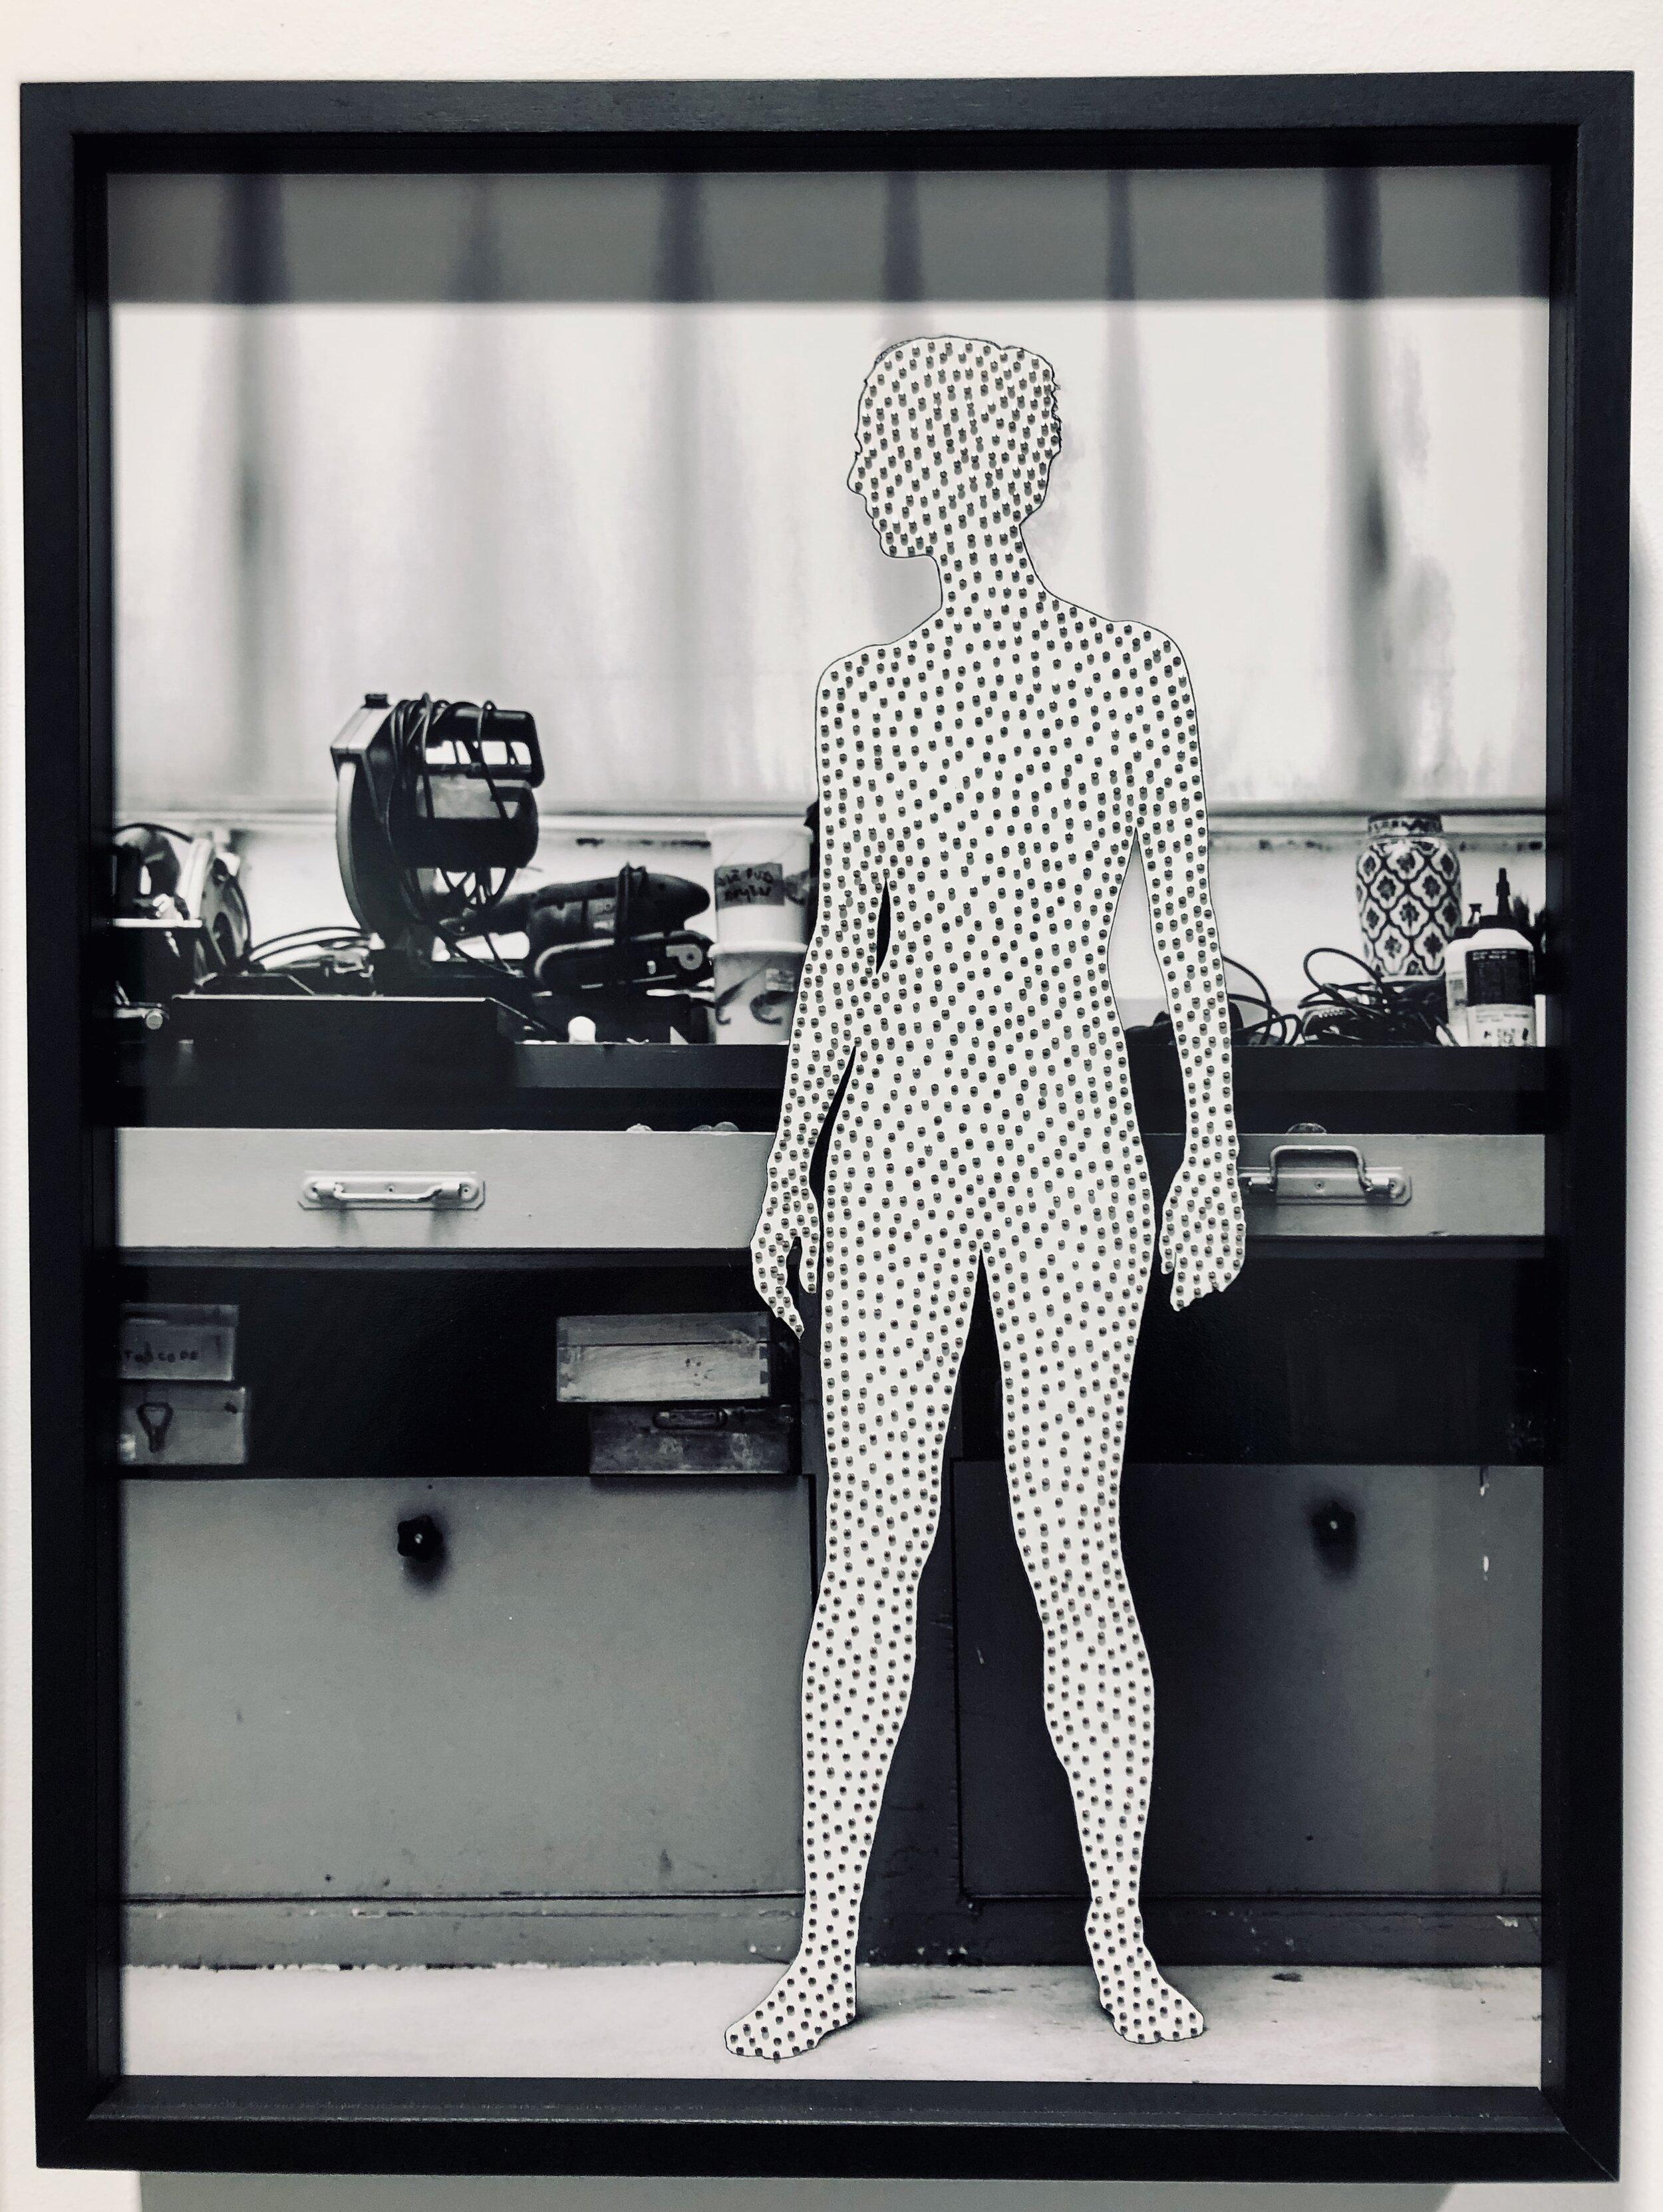 Henri Foucault - H dans l'atelier 1, 2019